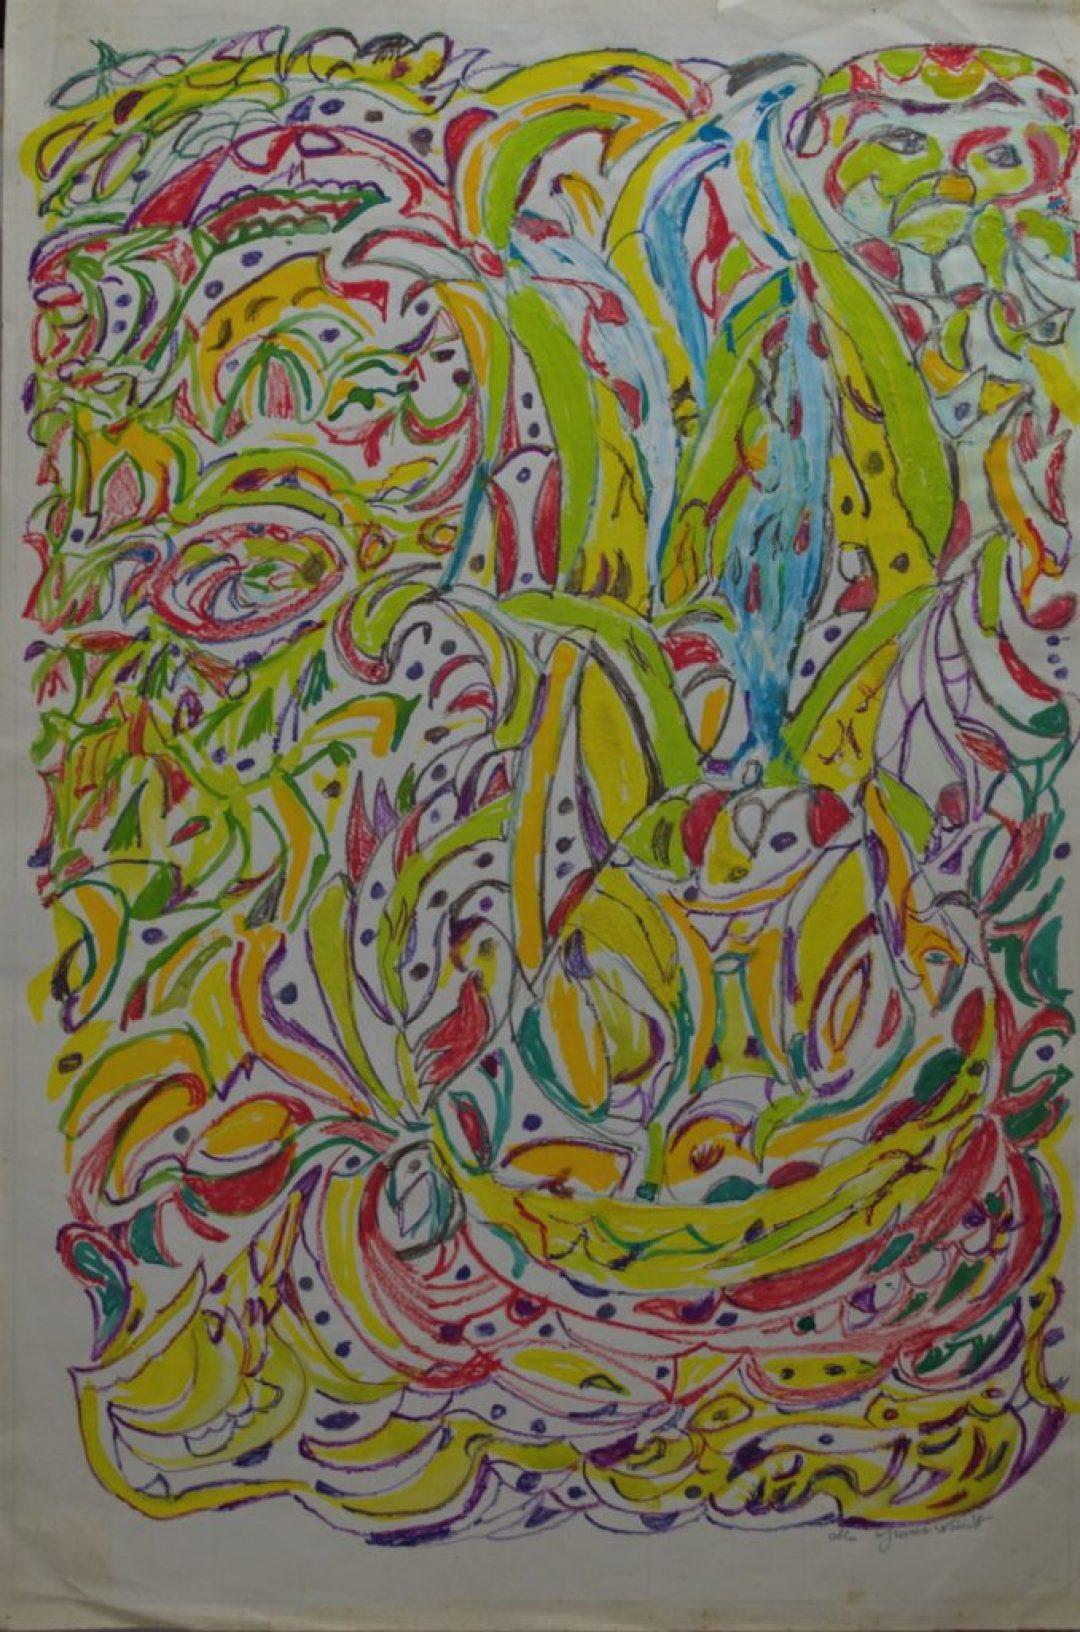 Martha Grünenwaldt, sans titre, nd, dessin aux crayons de couleur et gouache sur papier, 48 x 32 cm